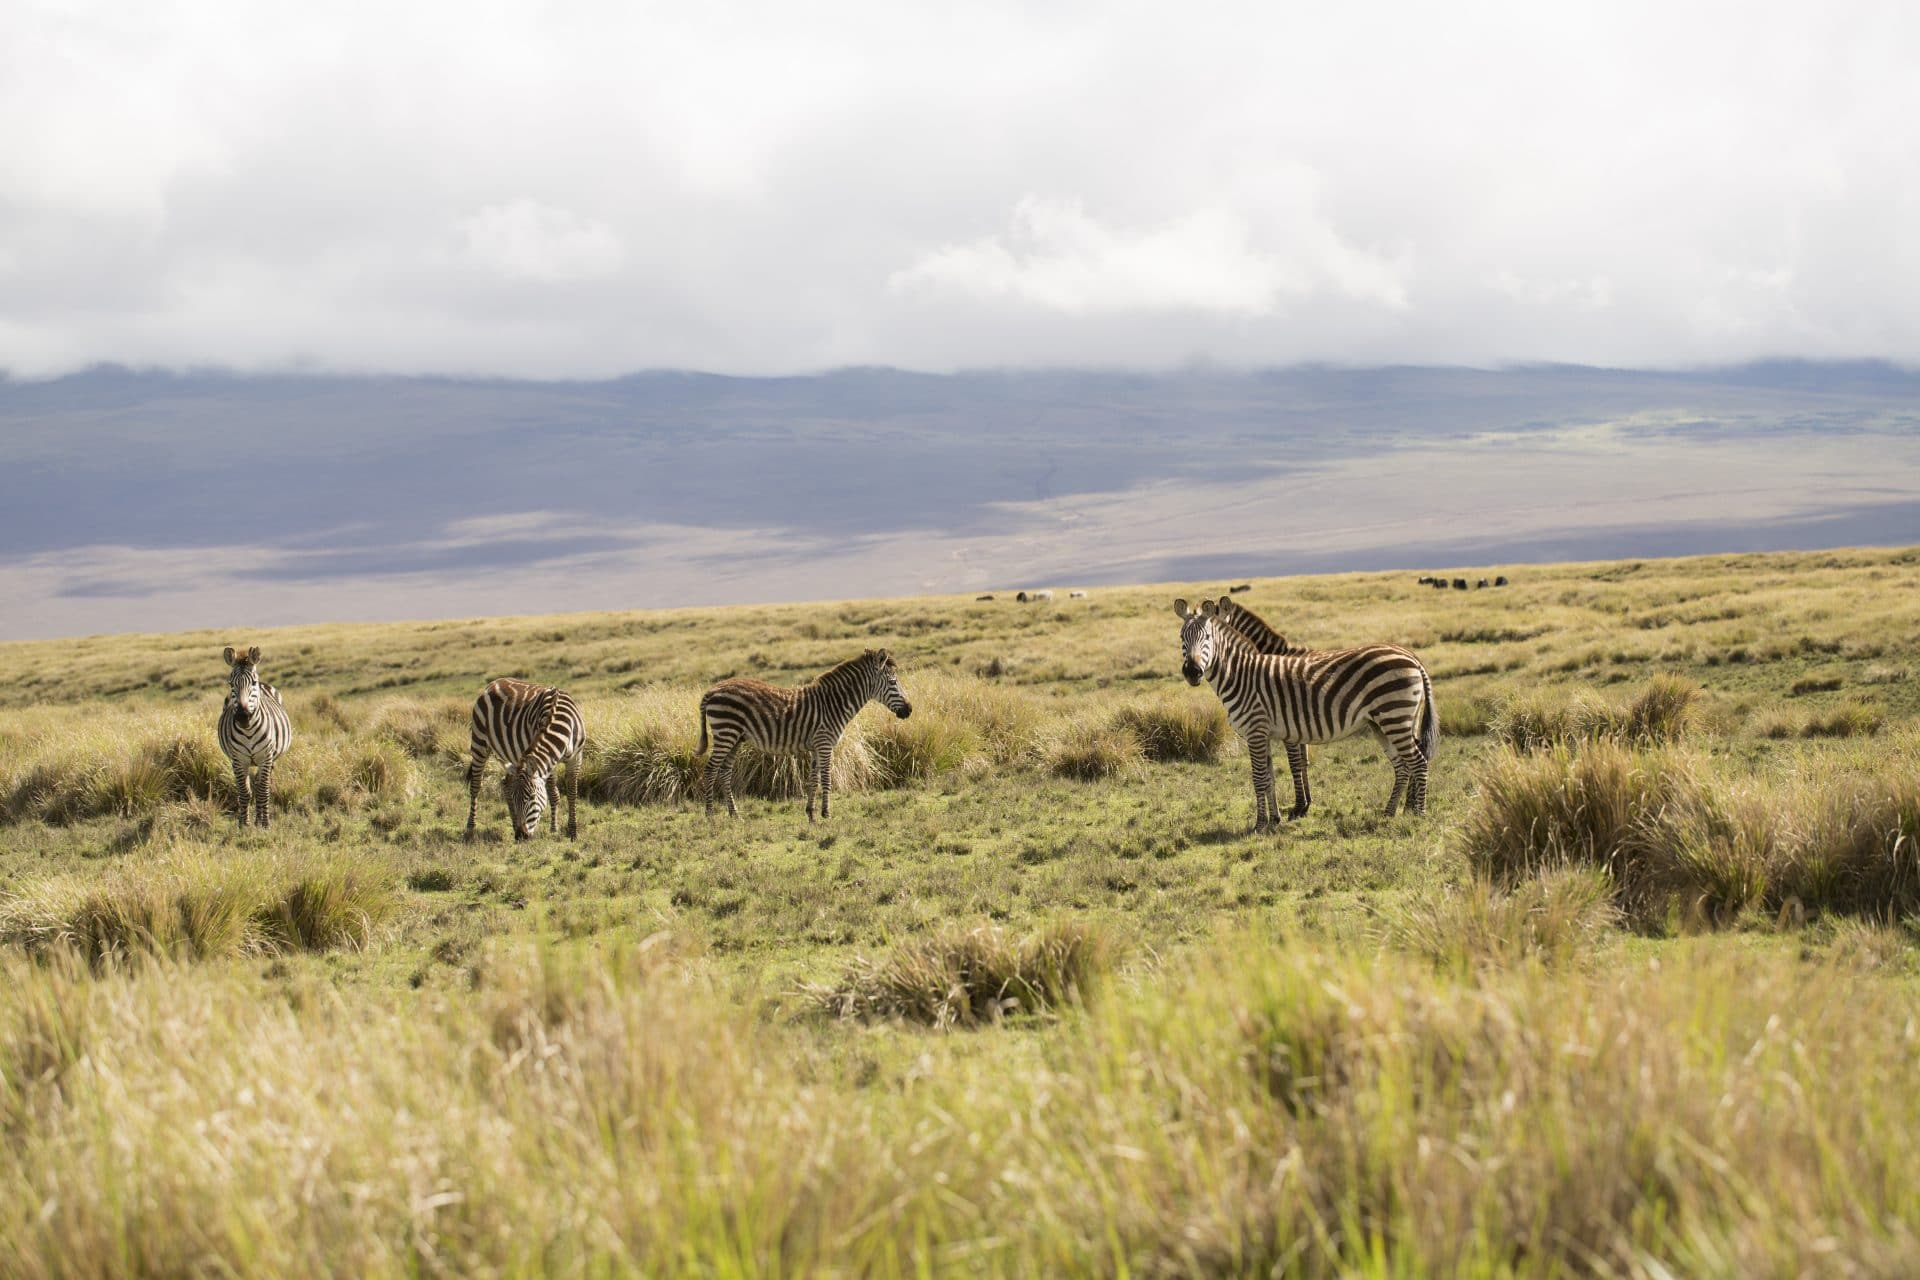 Zebras on Tanzania safari